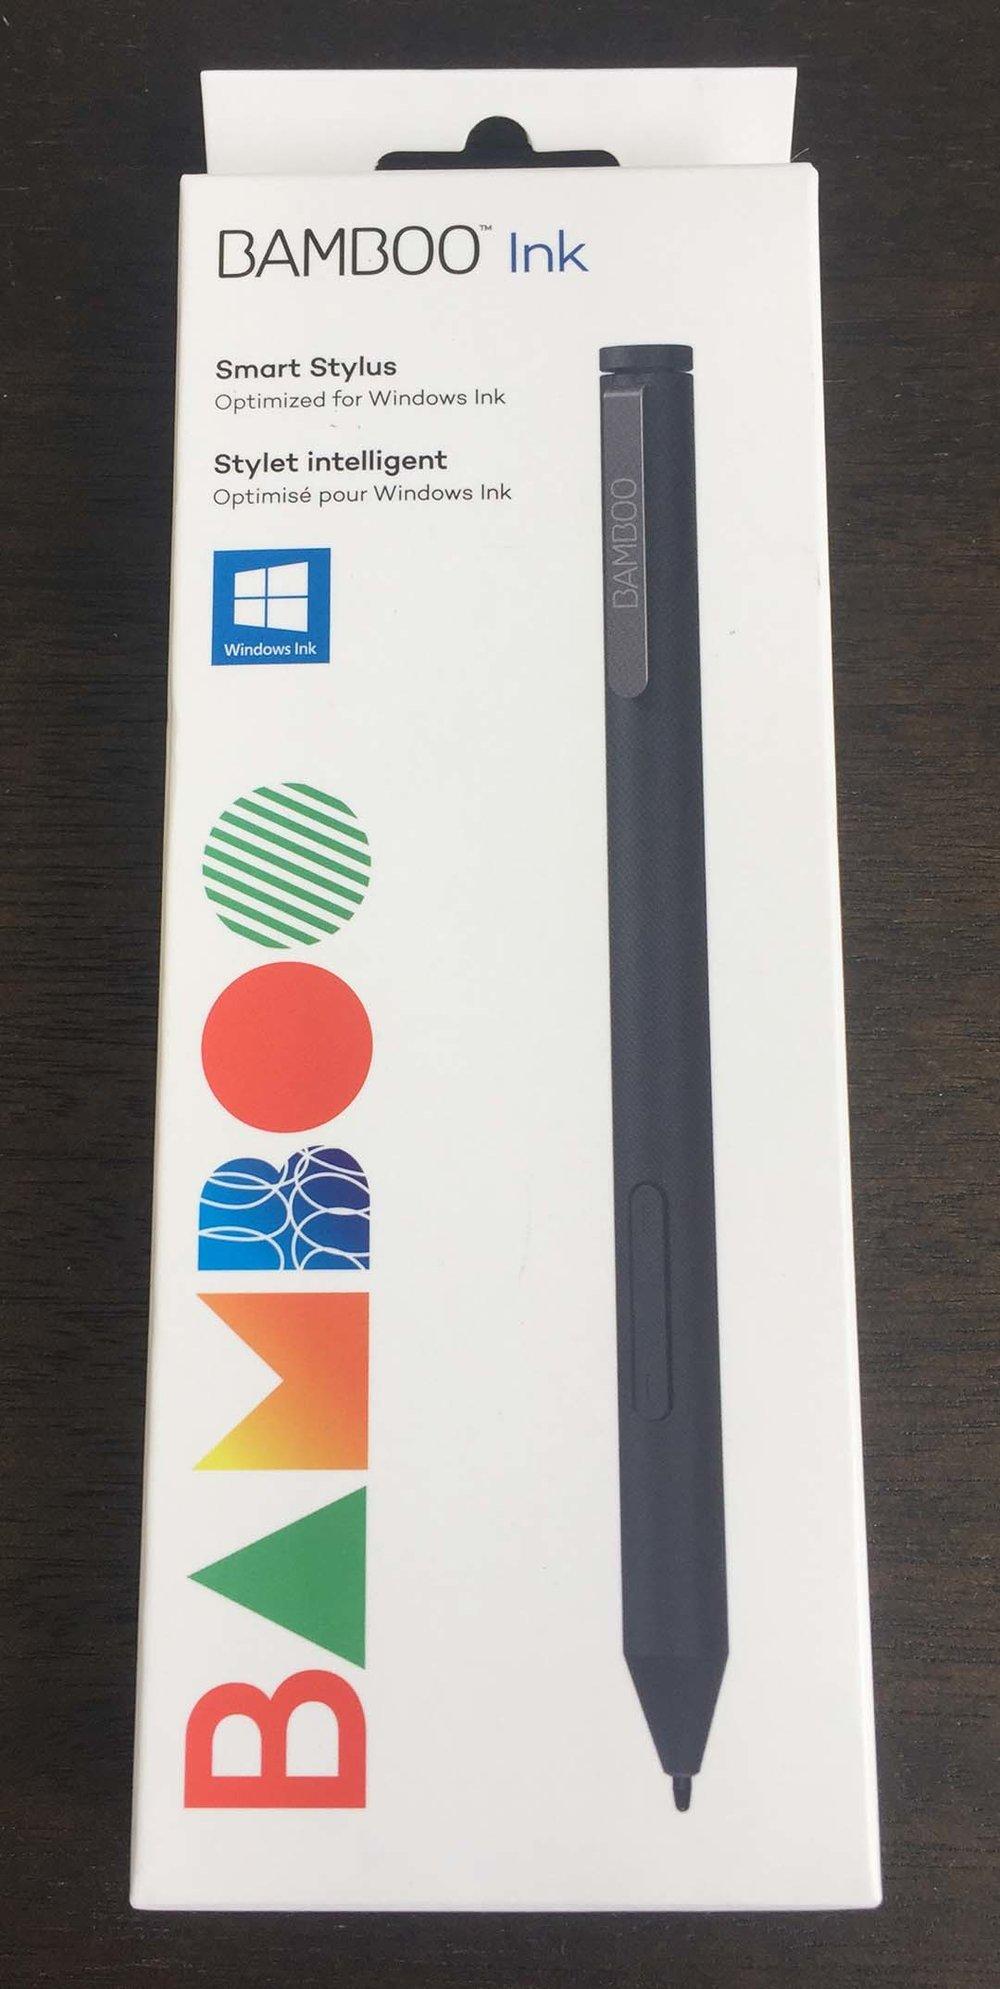 Surface Pro Artist - Surface Pro Artist